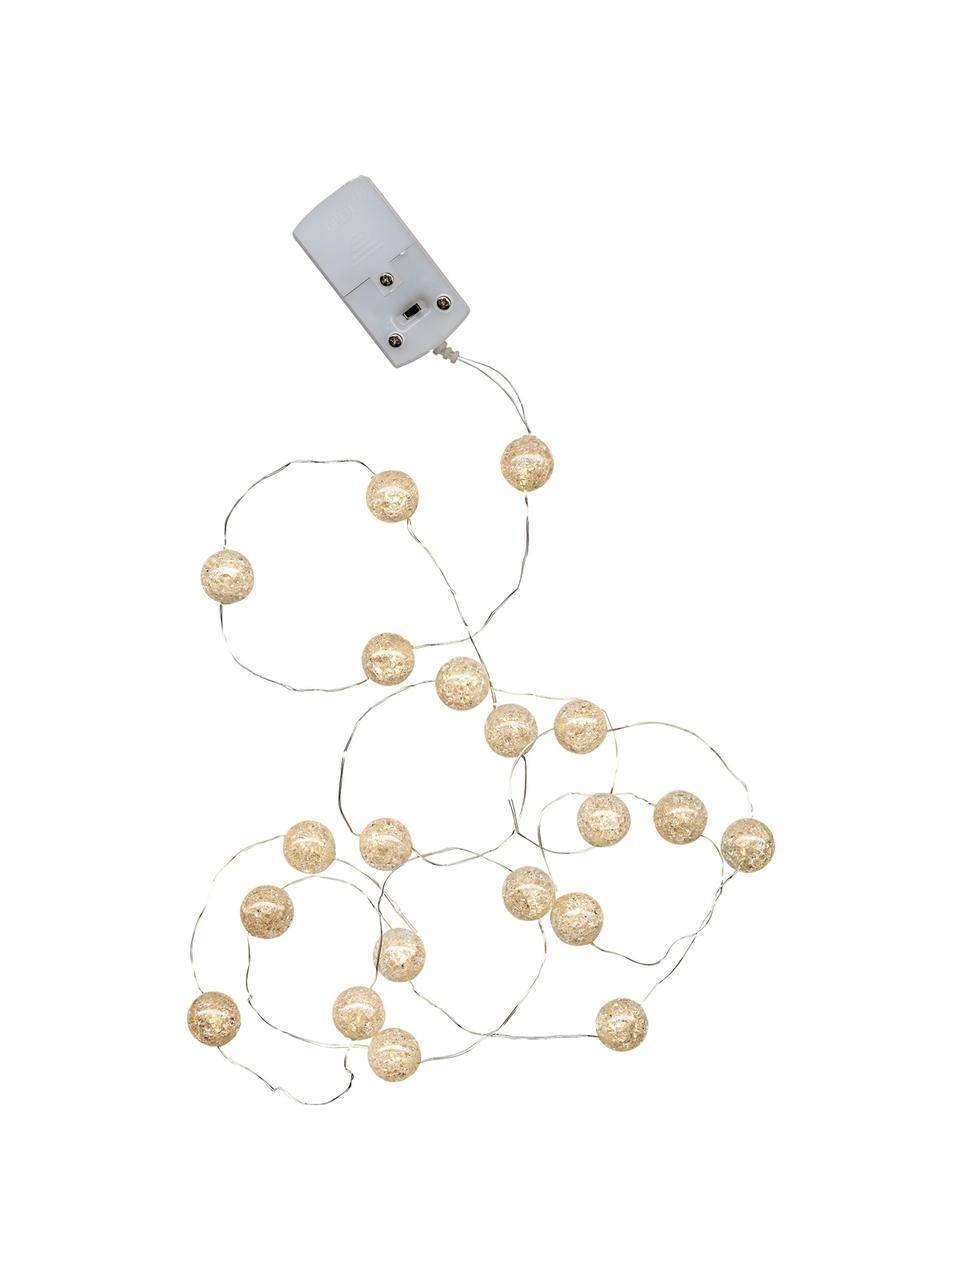 Girlanda świetlna LED Raindropl, 140 cm, Tworzywo sztuczne, Biały, D 140 cm